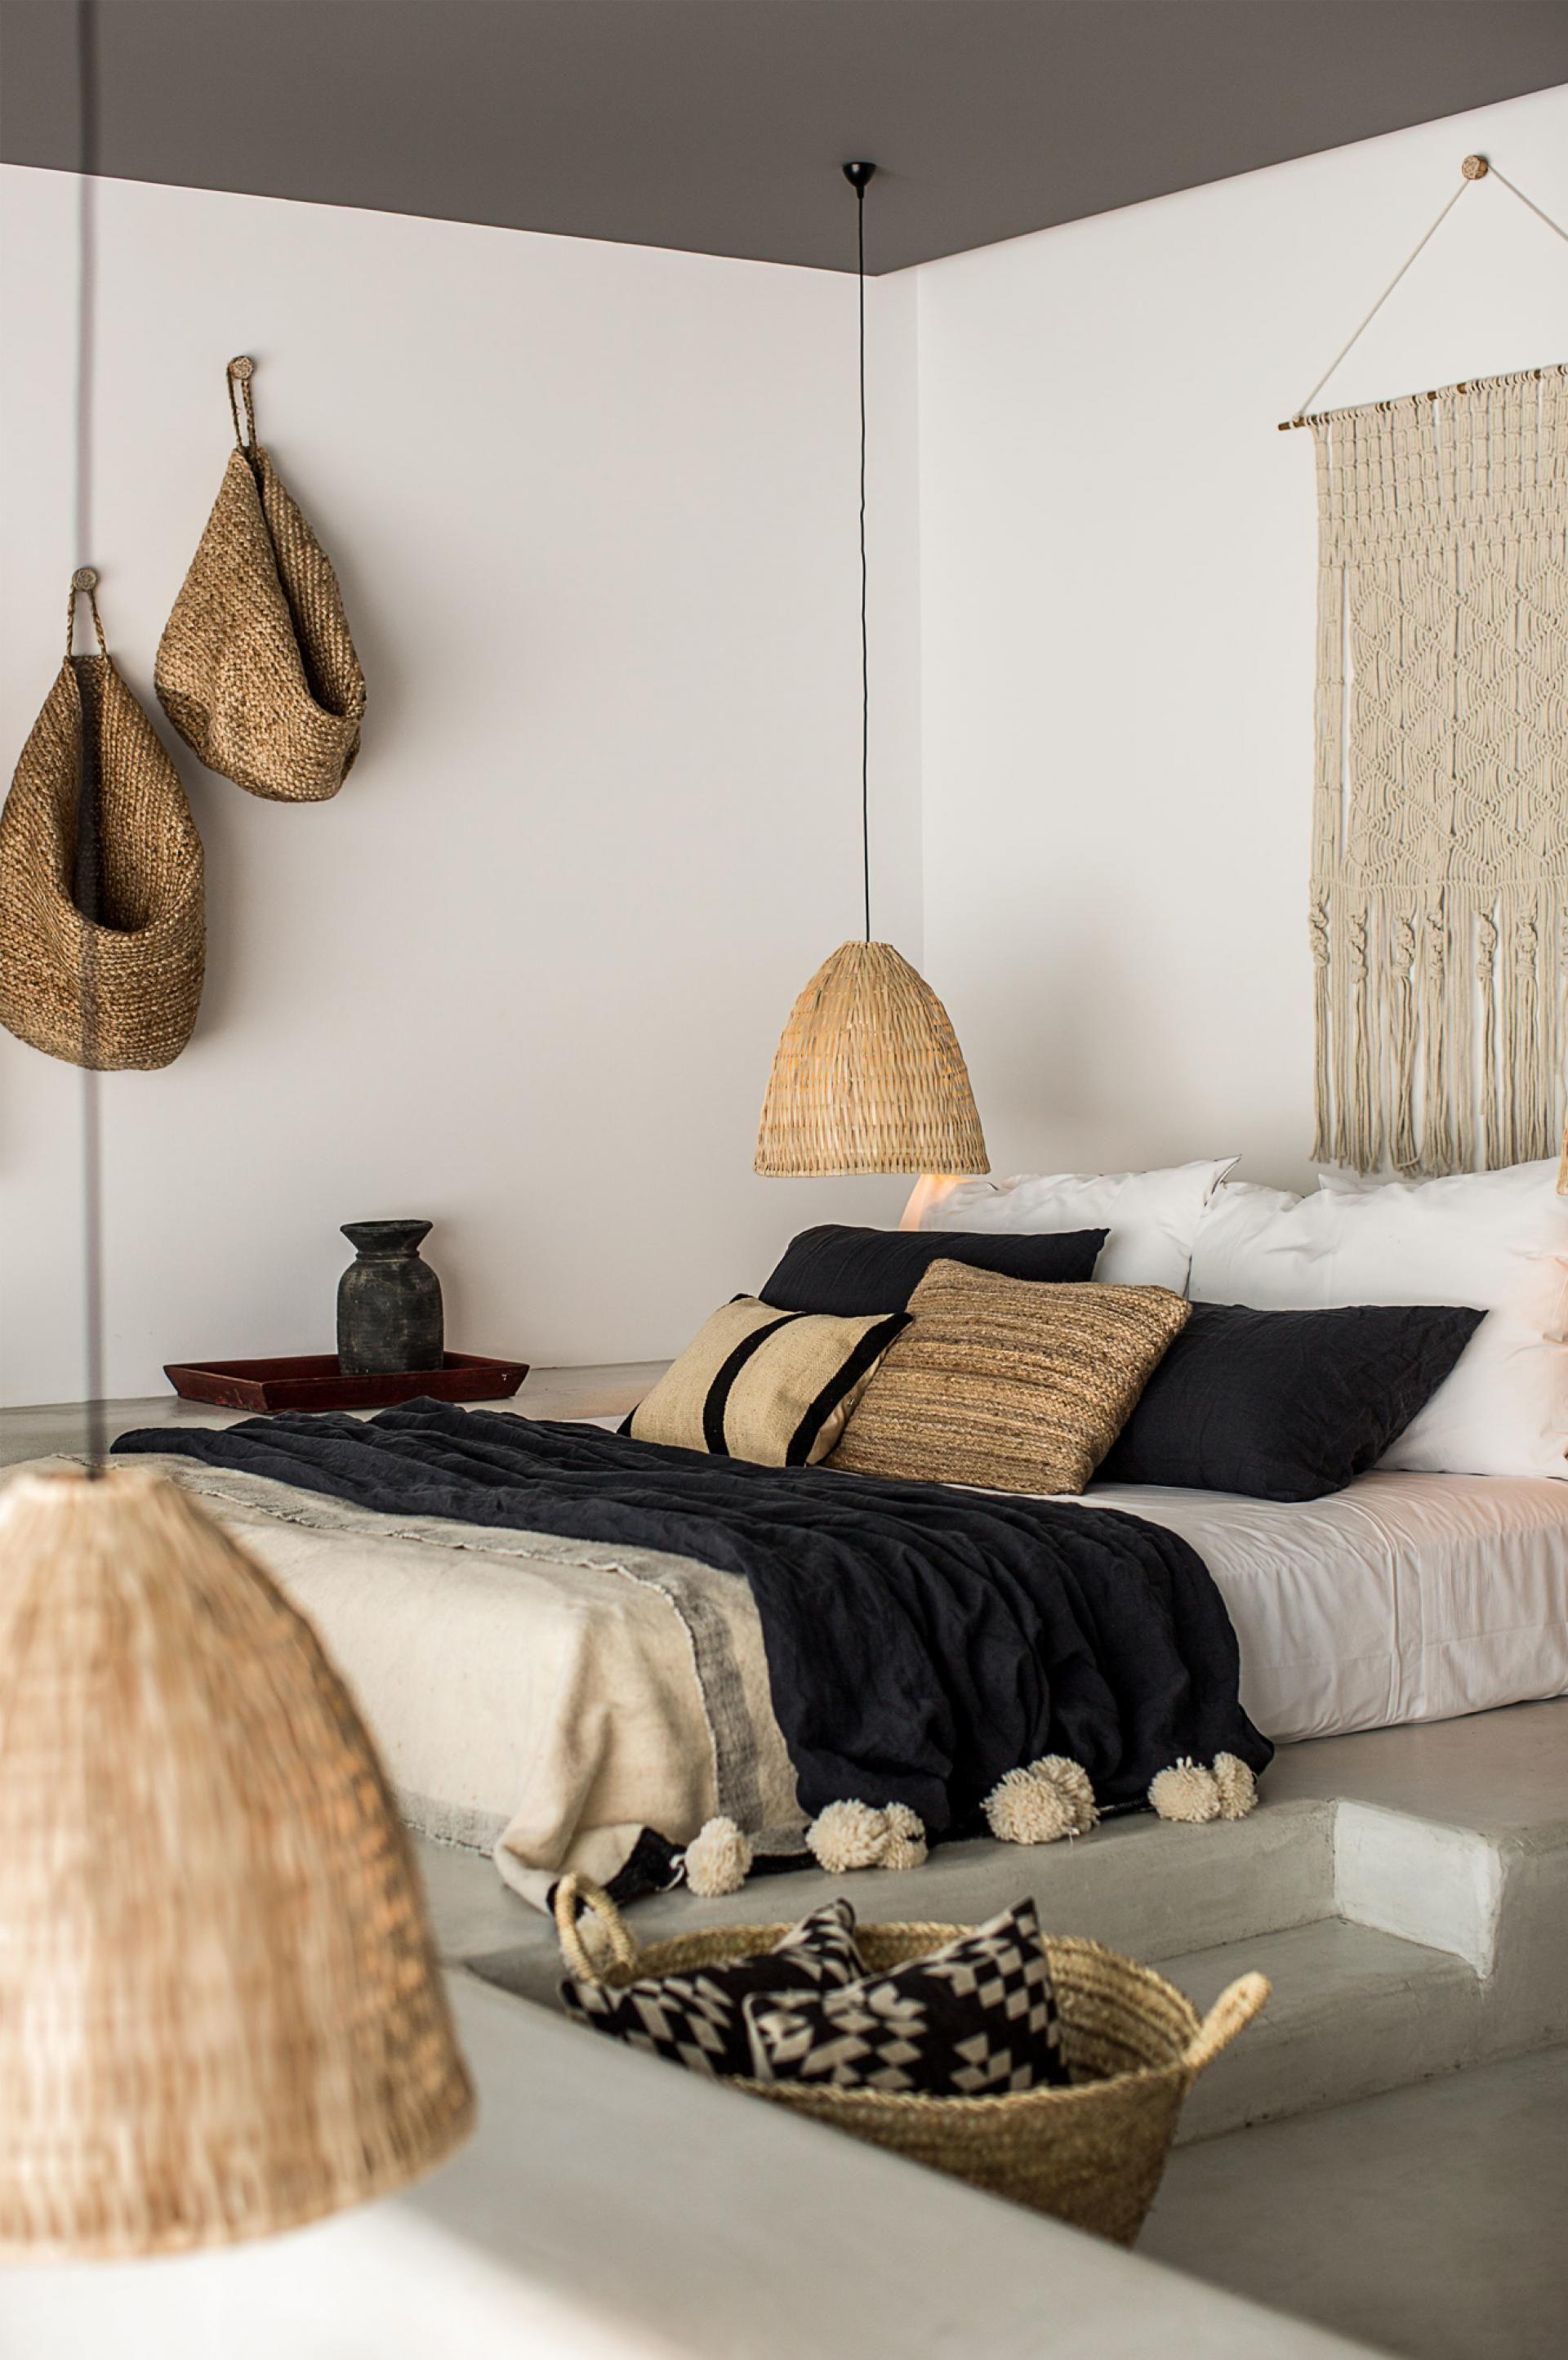 Chambre Ethnic Chic Osier Beige Et Noir Deco Chambre Pinterest - Chambre adulte noir et beige